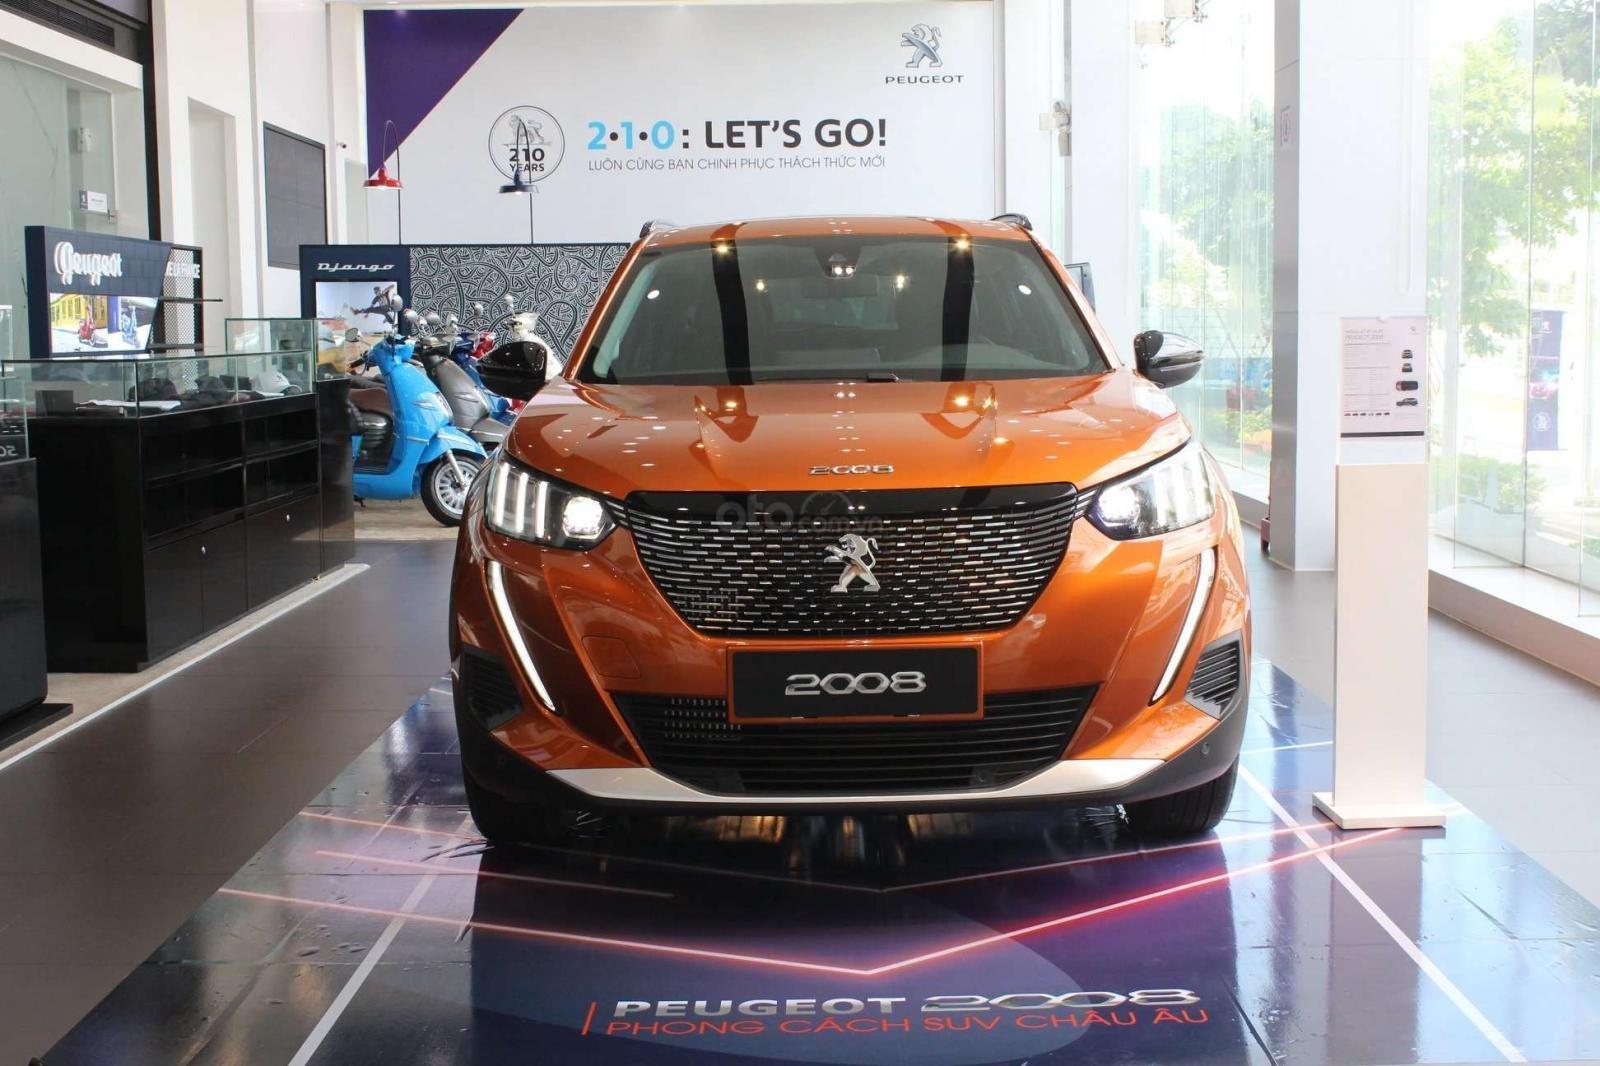 Siêu phẩm SUV - Peugeot 2008, liên hệ ngay để nhận nhiều ưu đãi hấp dẫn! (1)